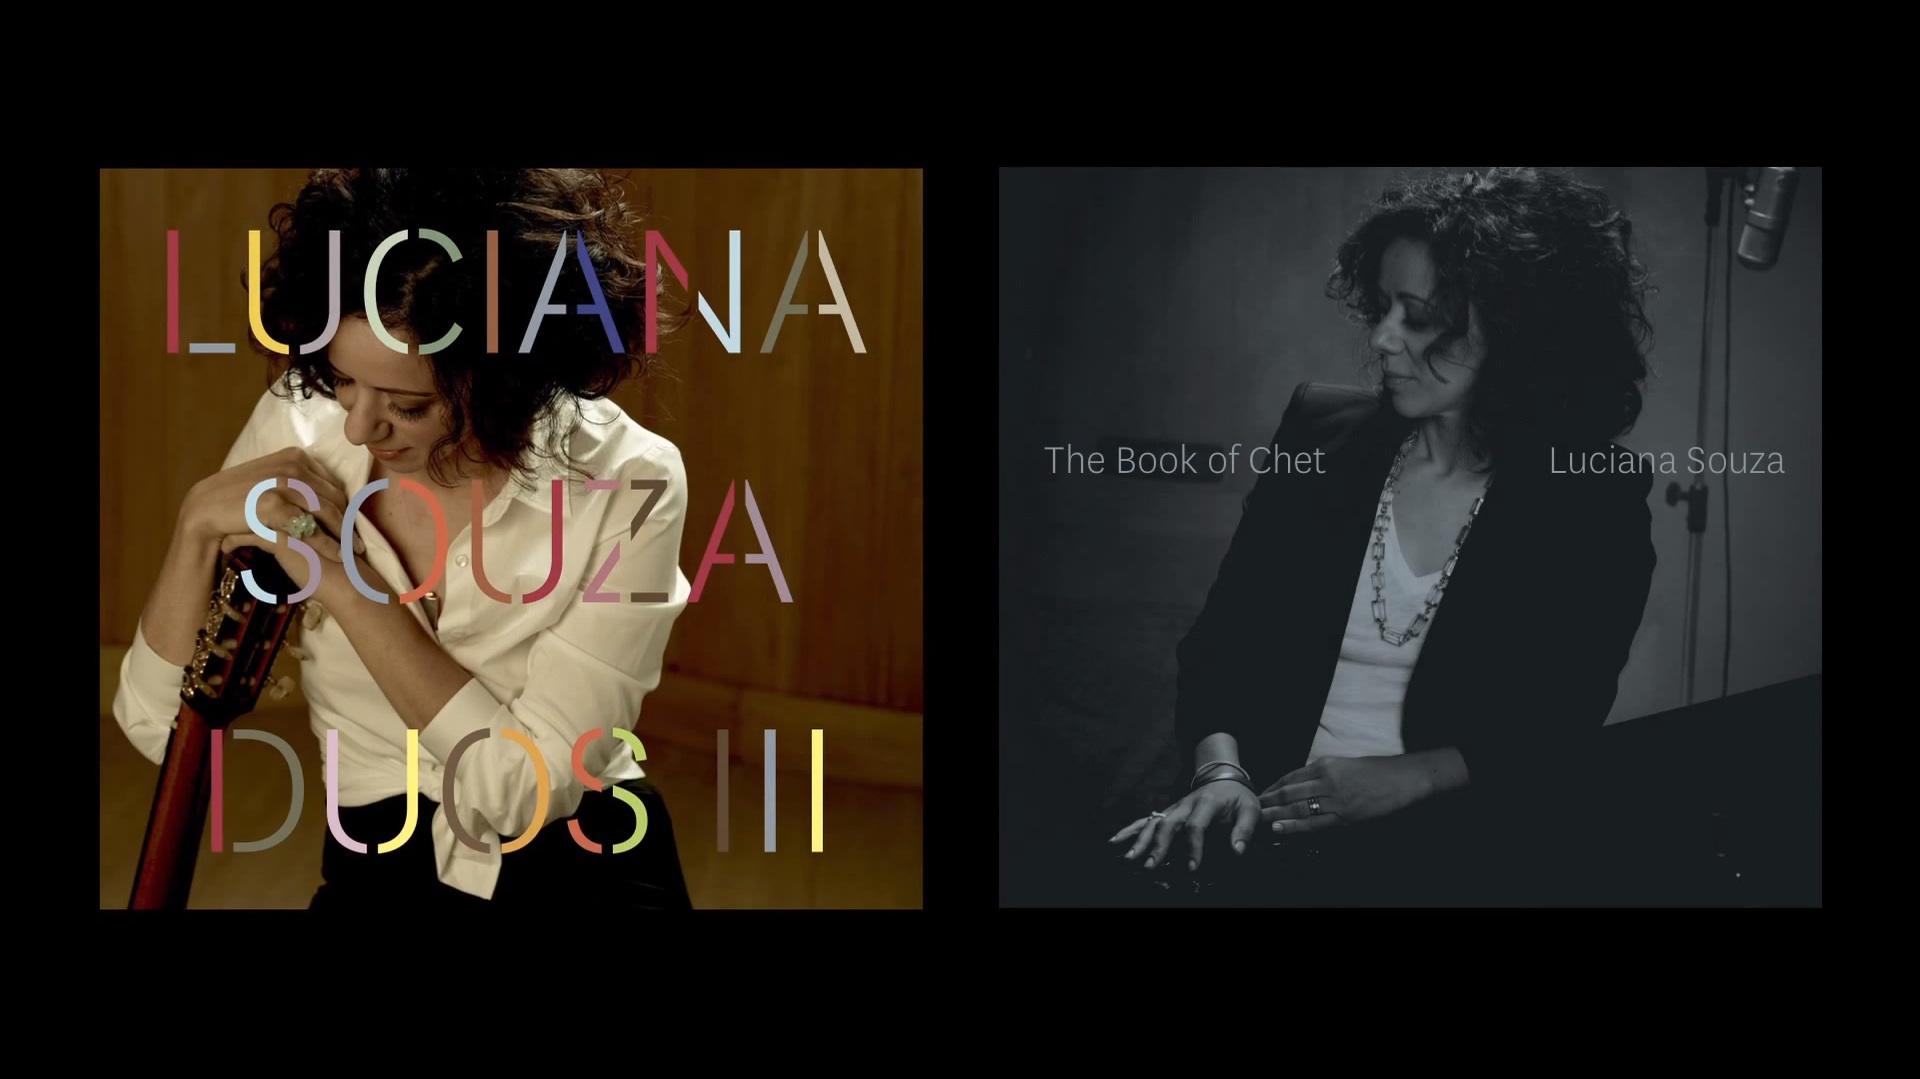 Luciana thumb